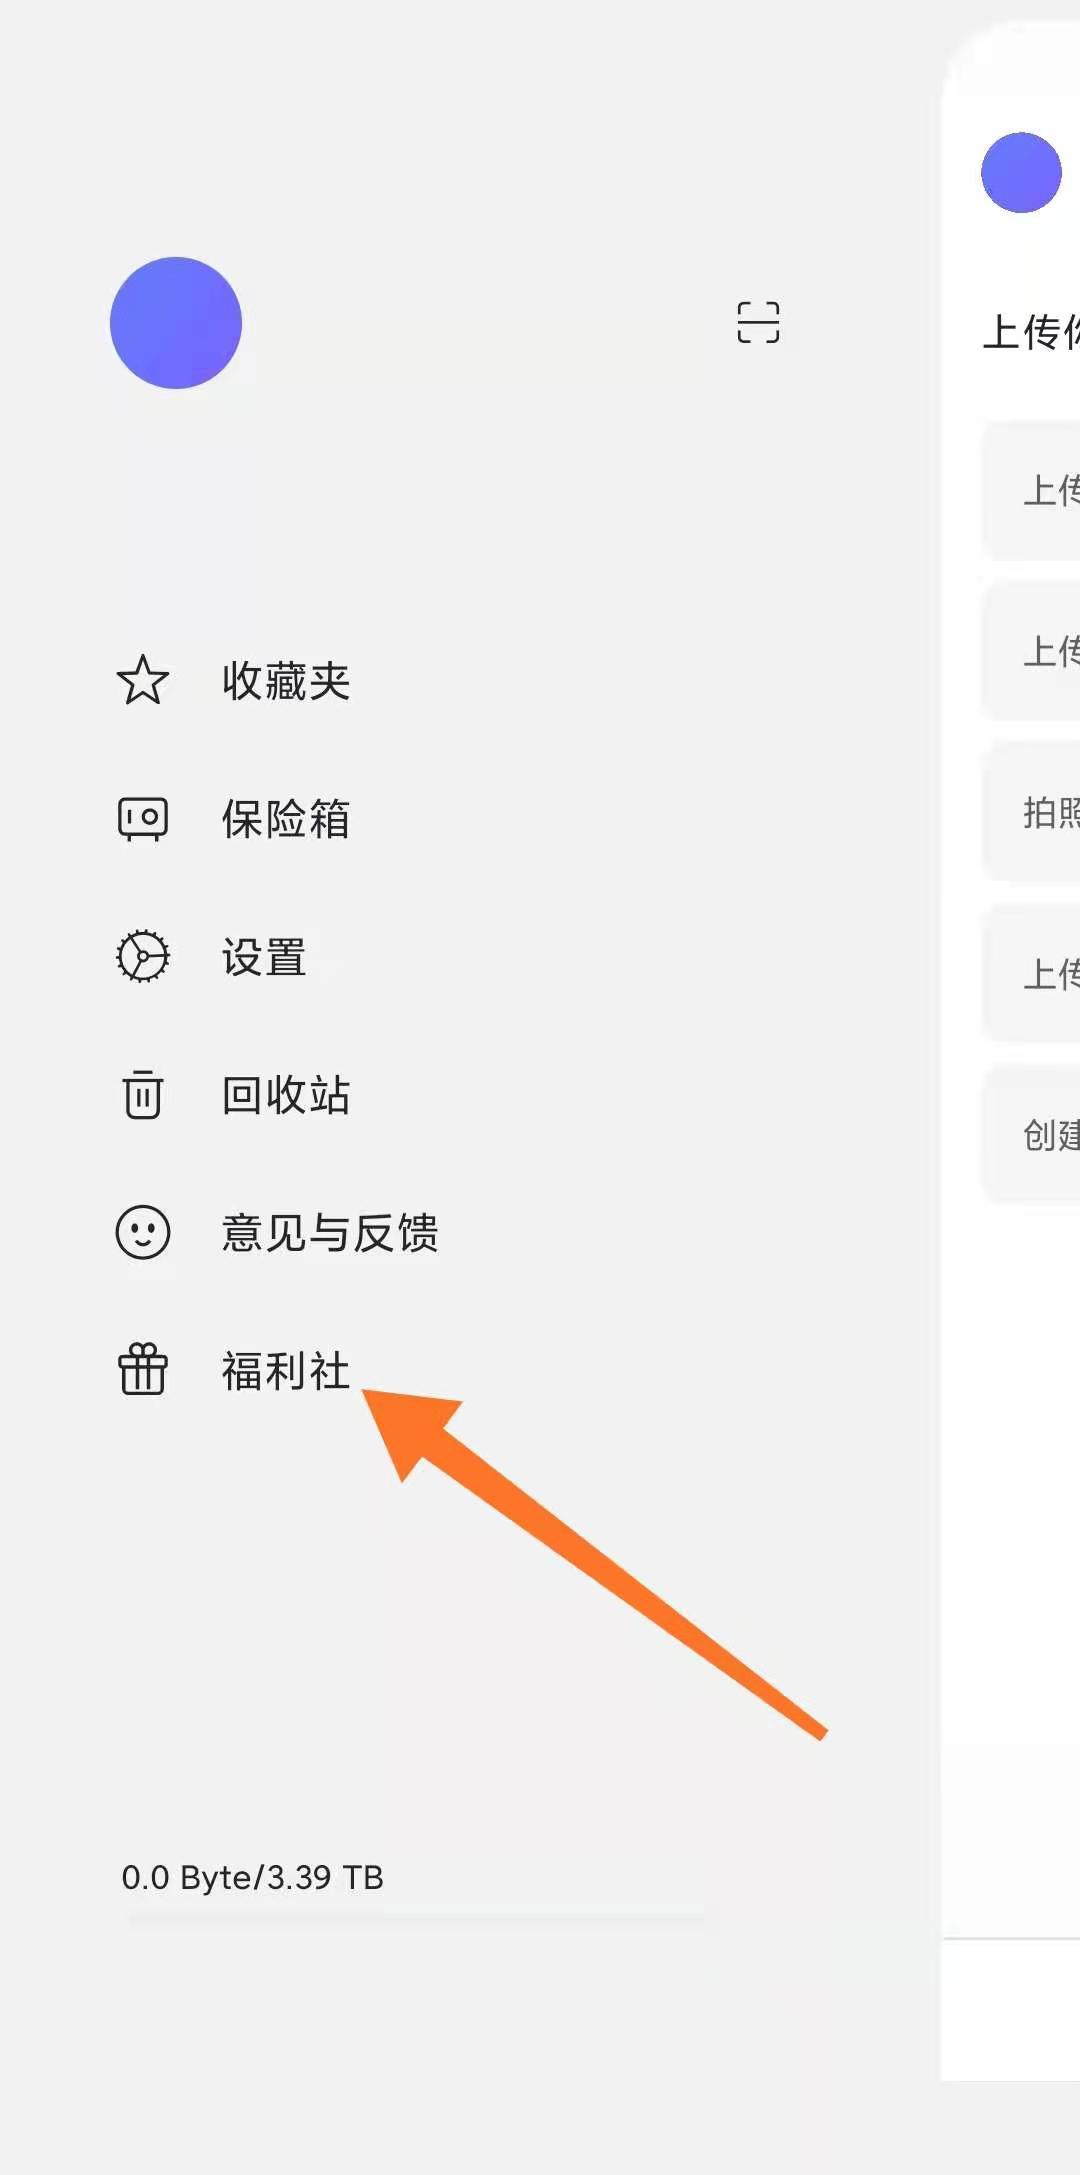 阿里云盘福利-扩容对话码-阿里云盘上传下载不限速